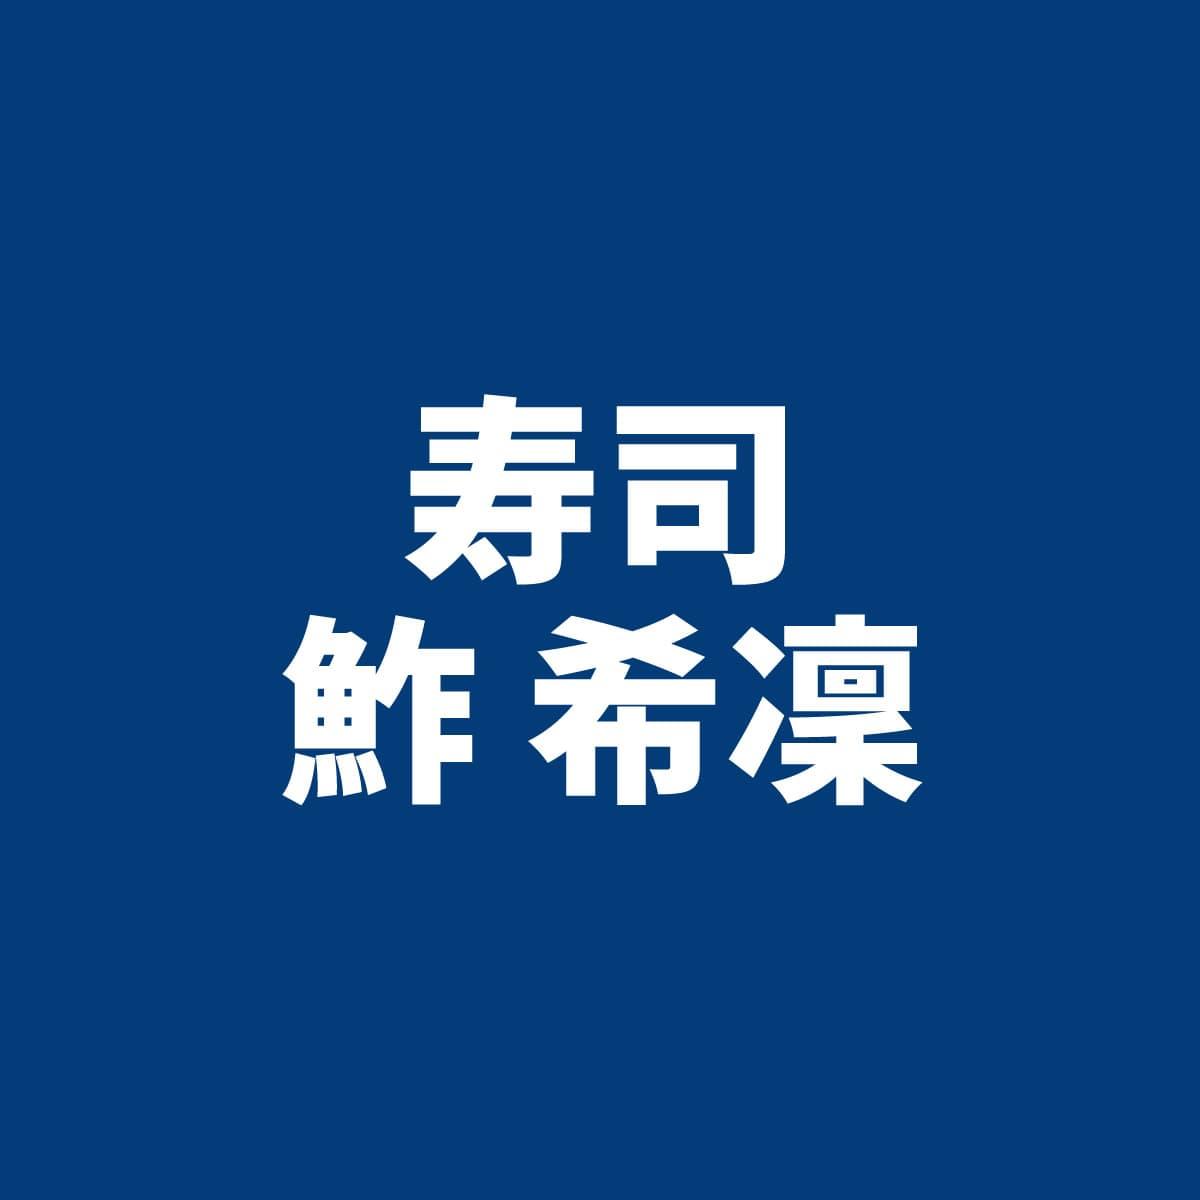 寿司「鮓 希凜」